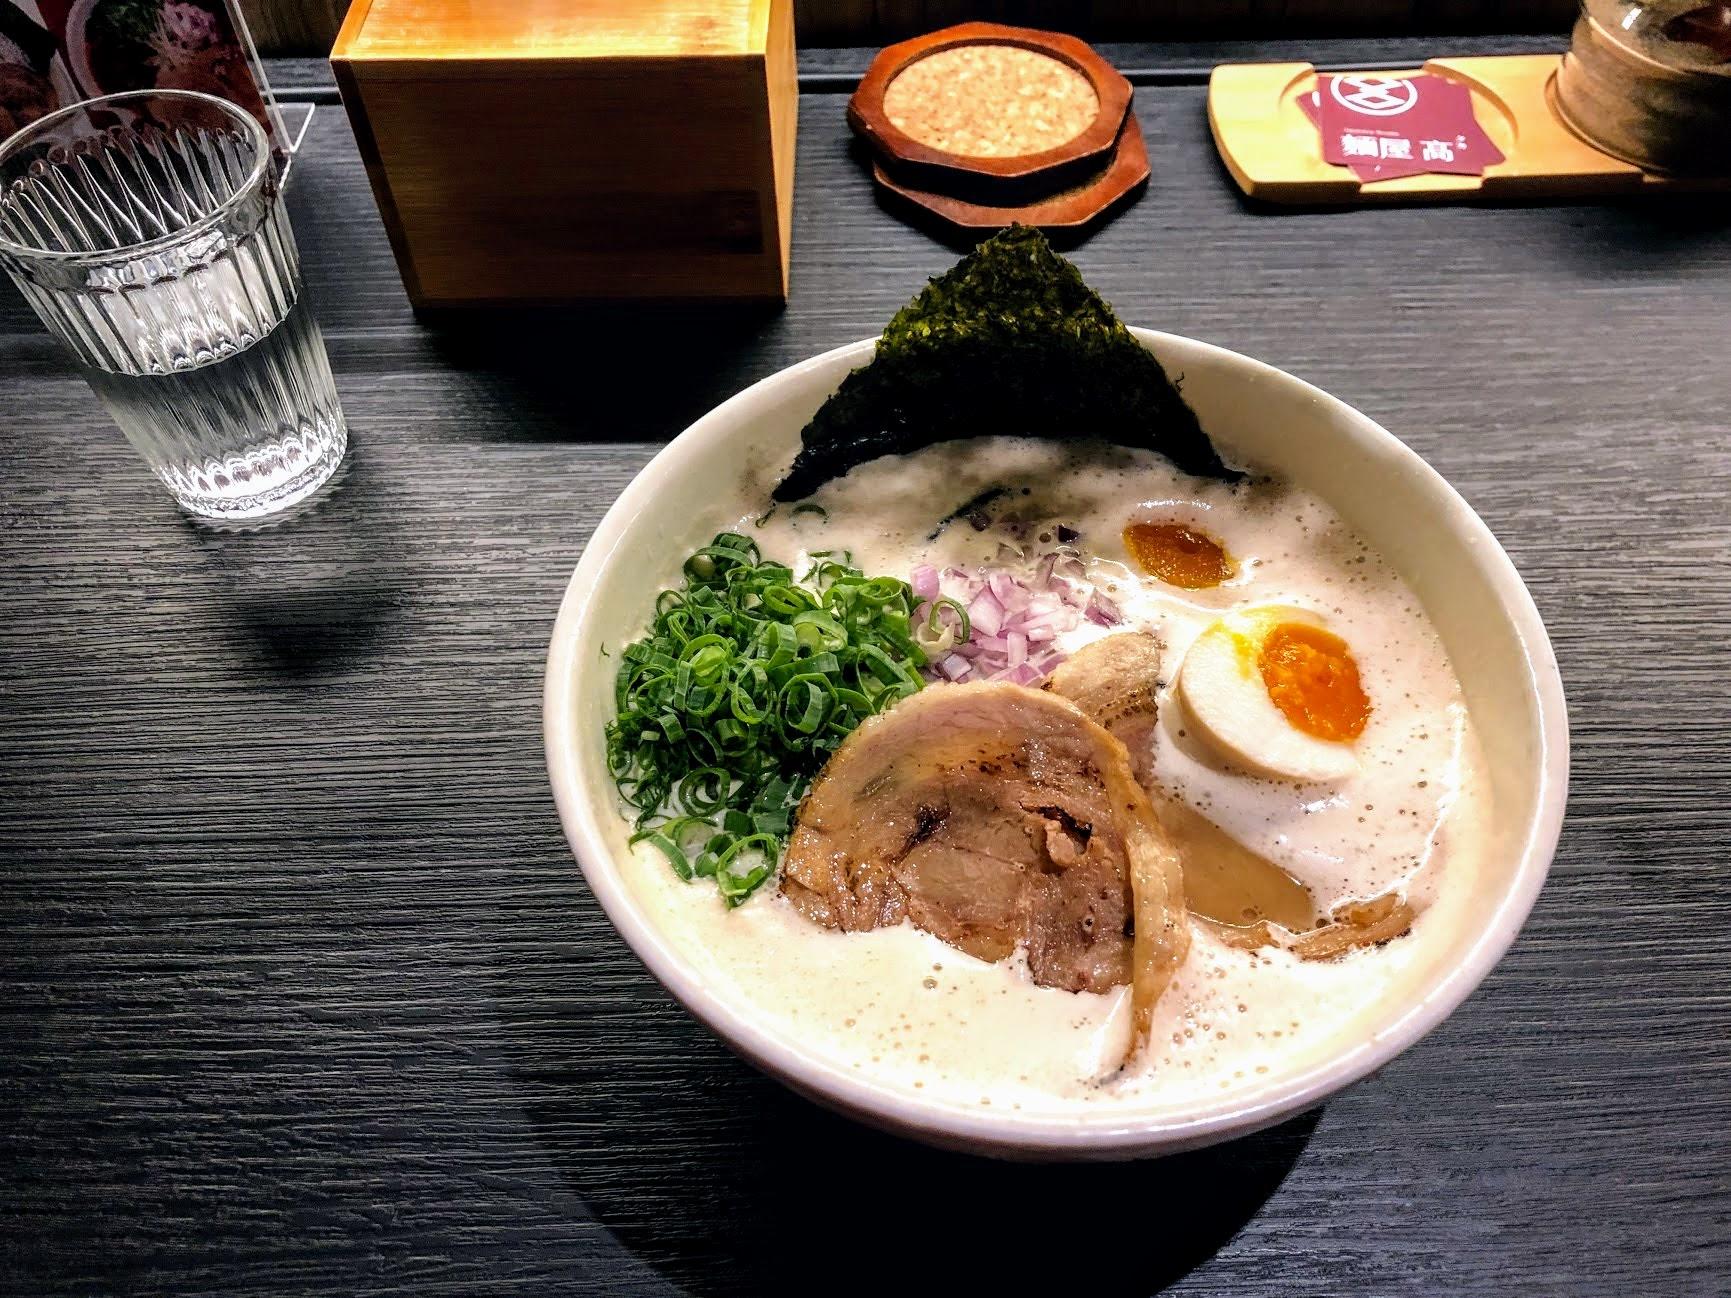 天堂溏心蛋拉麵! 一整碗內,有大量的蔥花/生洋蔥/叉燒片/溏心蛋/海苔,還有遍佈在湯頭上頭的白色泡泡喔! 這是日本泡系拉麵的特色...